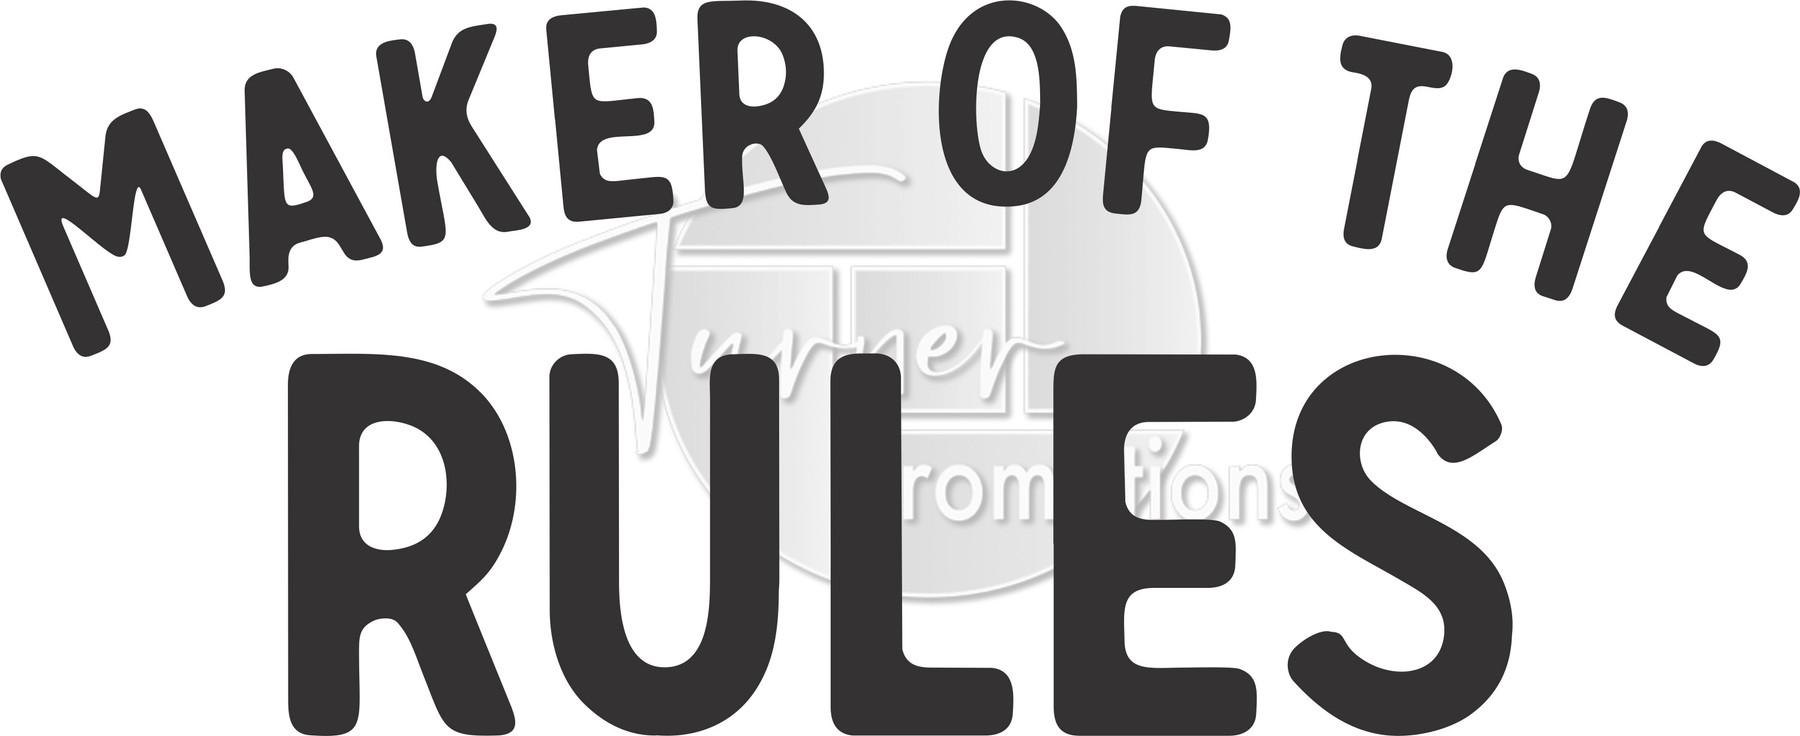 Maker of the rules.jpg